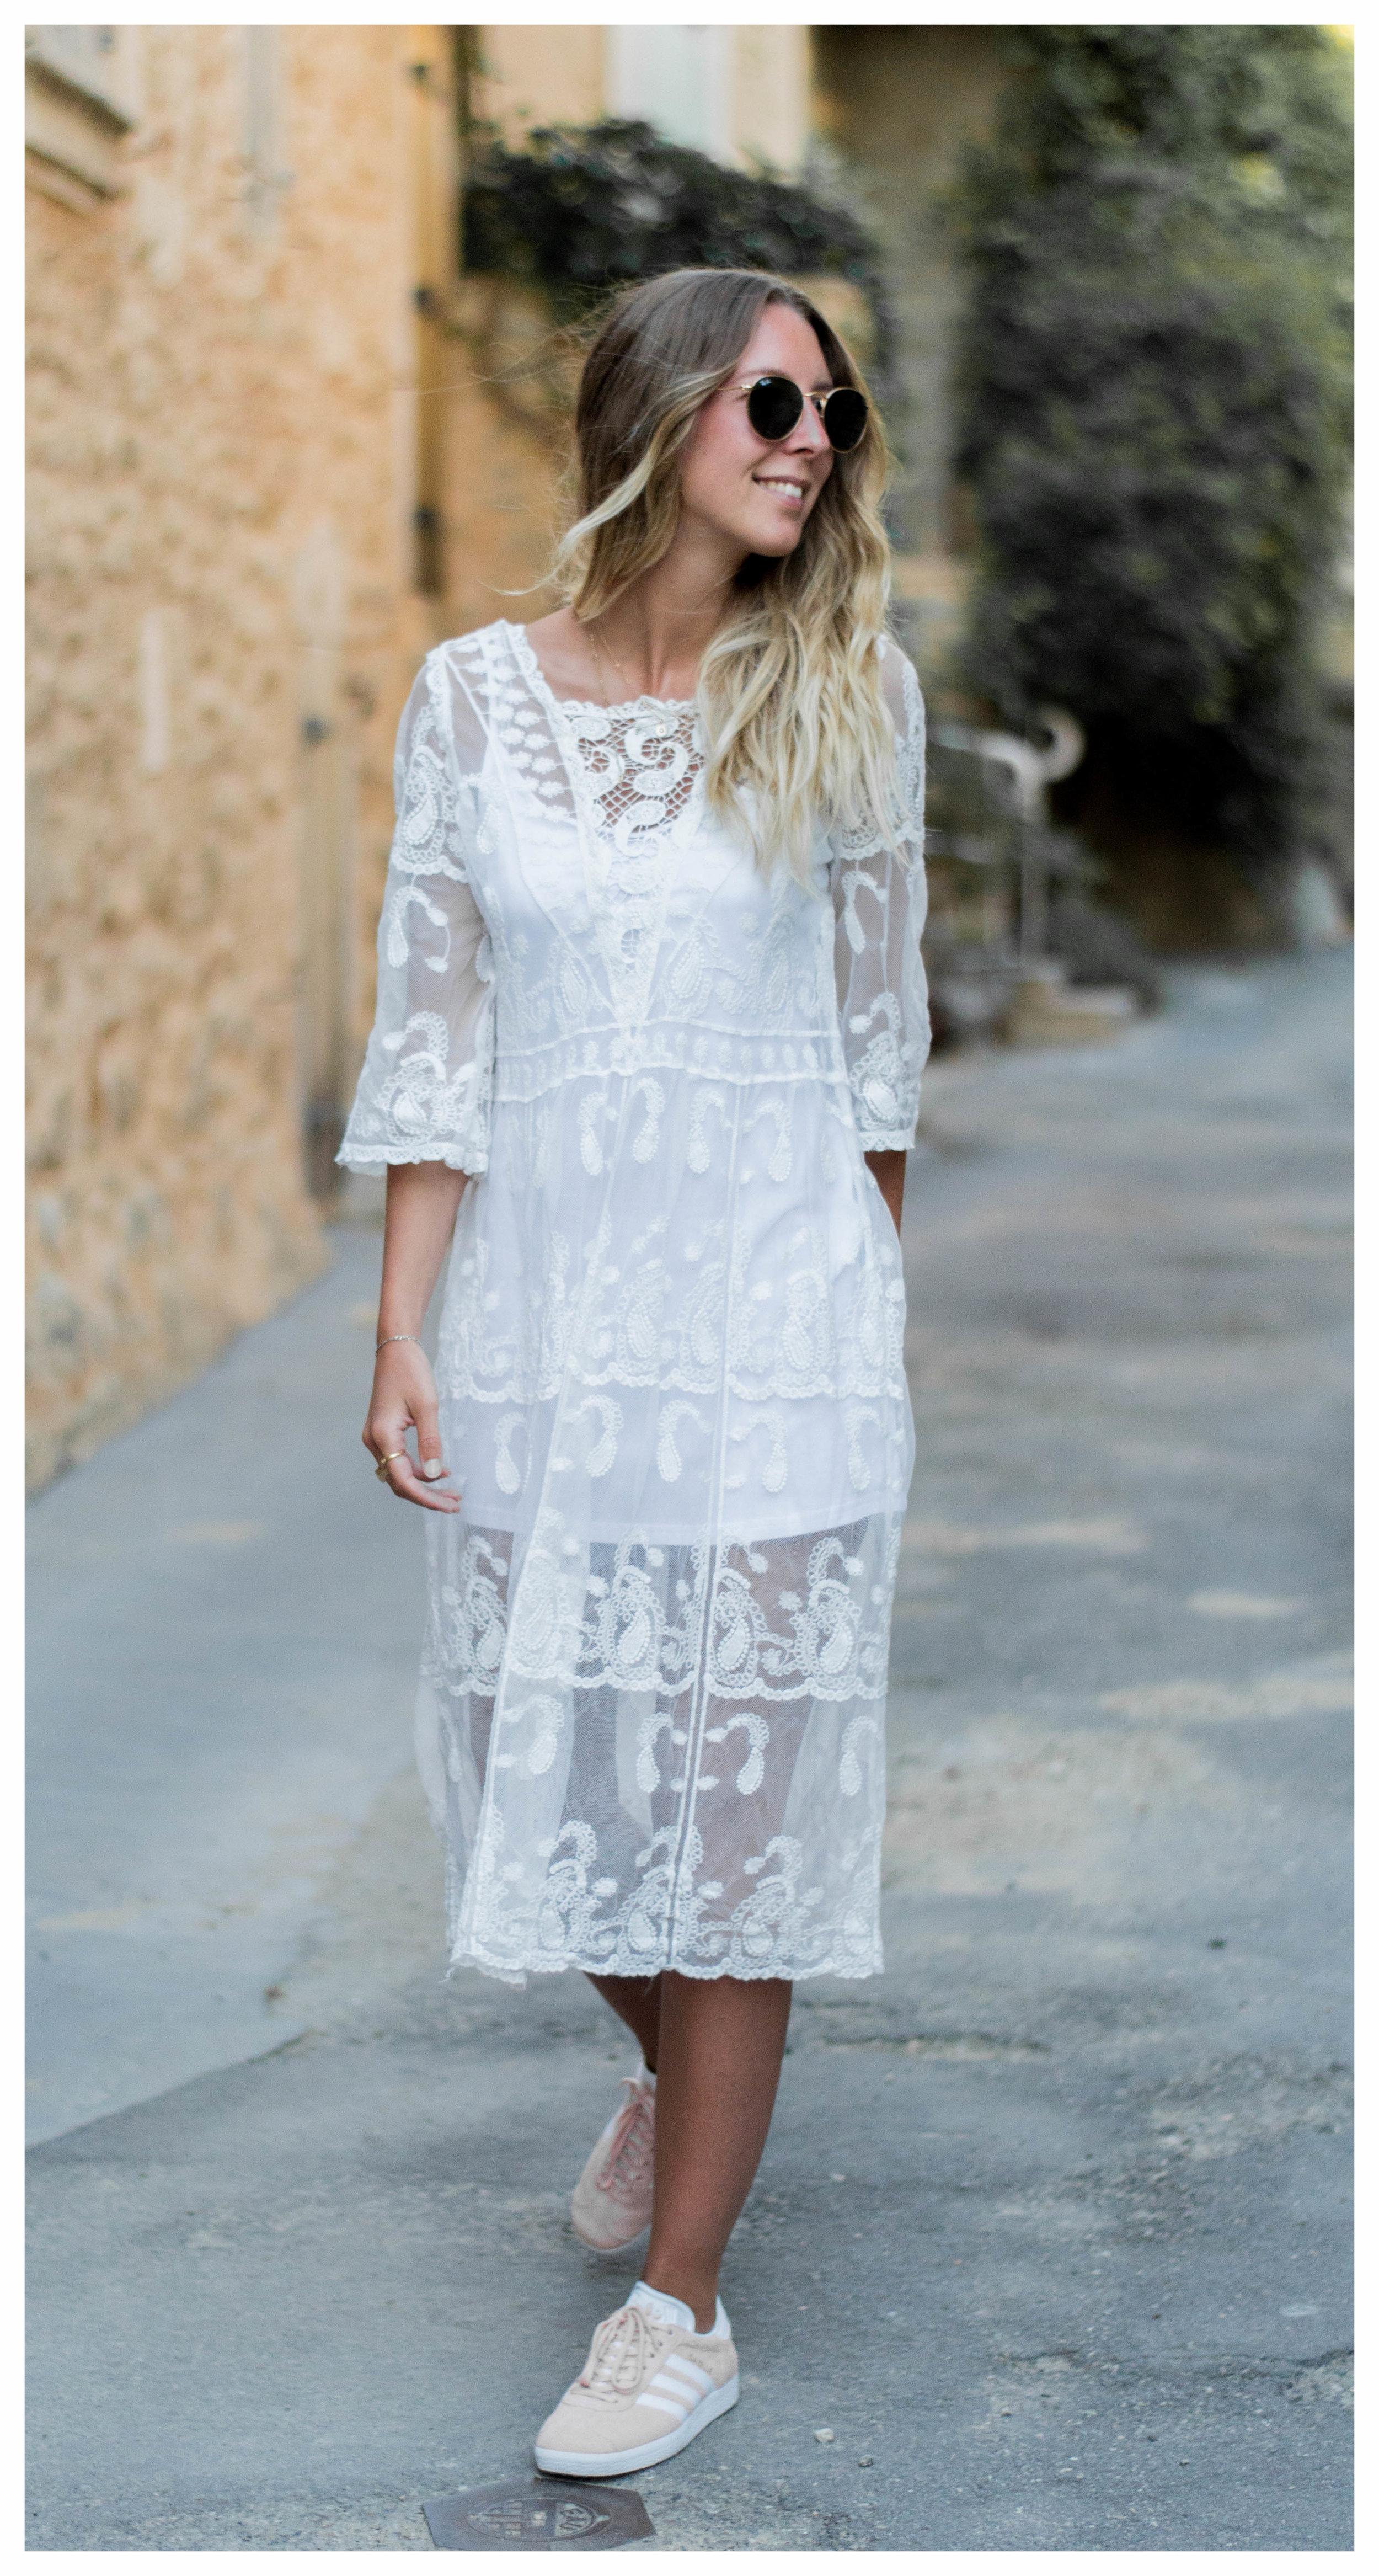 Cornillon White Dress June - OSIARAH.COM (7 of 27).jpg